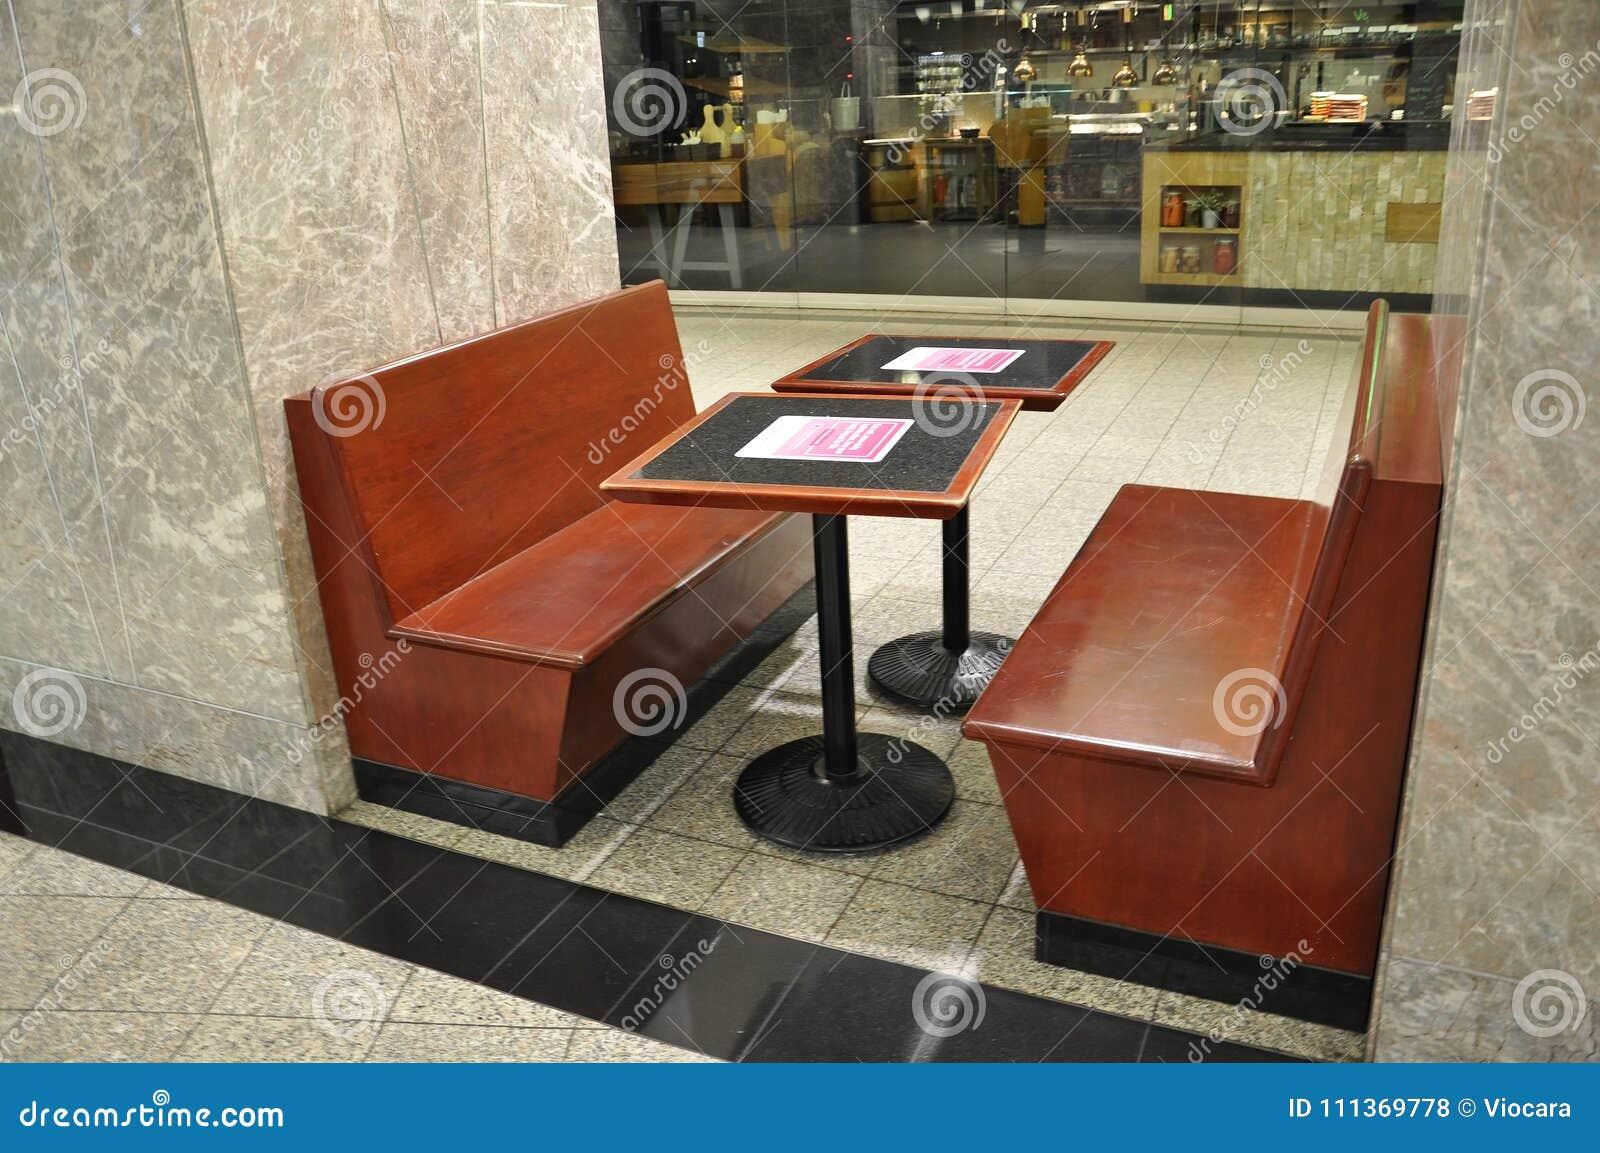 Hermosa Muebles De Ontario Modelo - Muebles Para Ideas de Diseño de ...